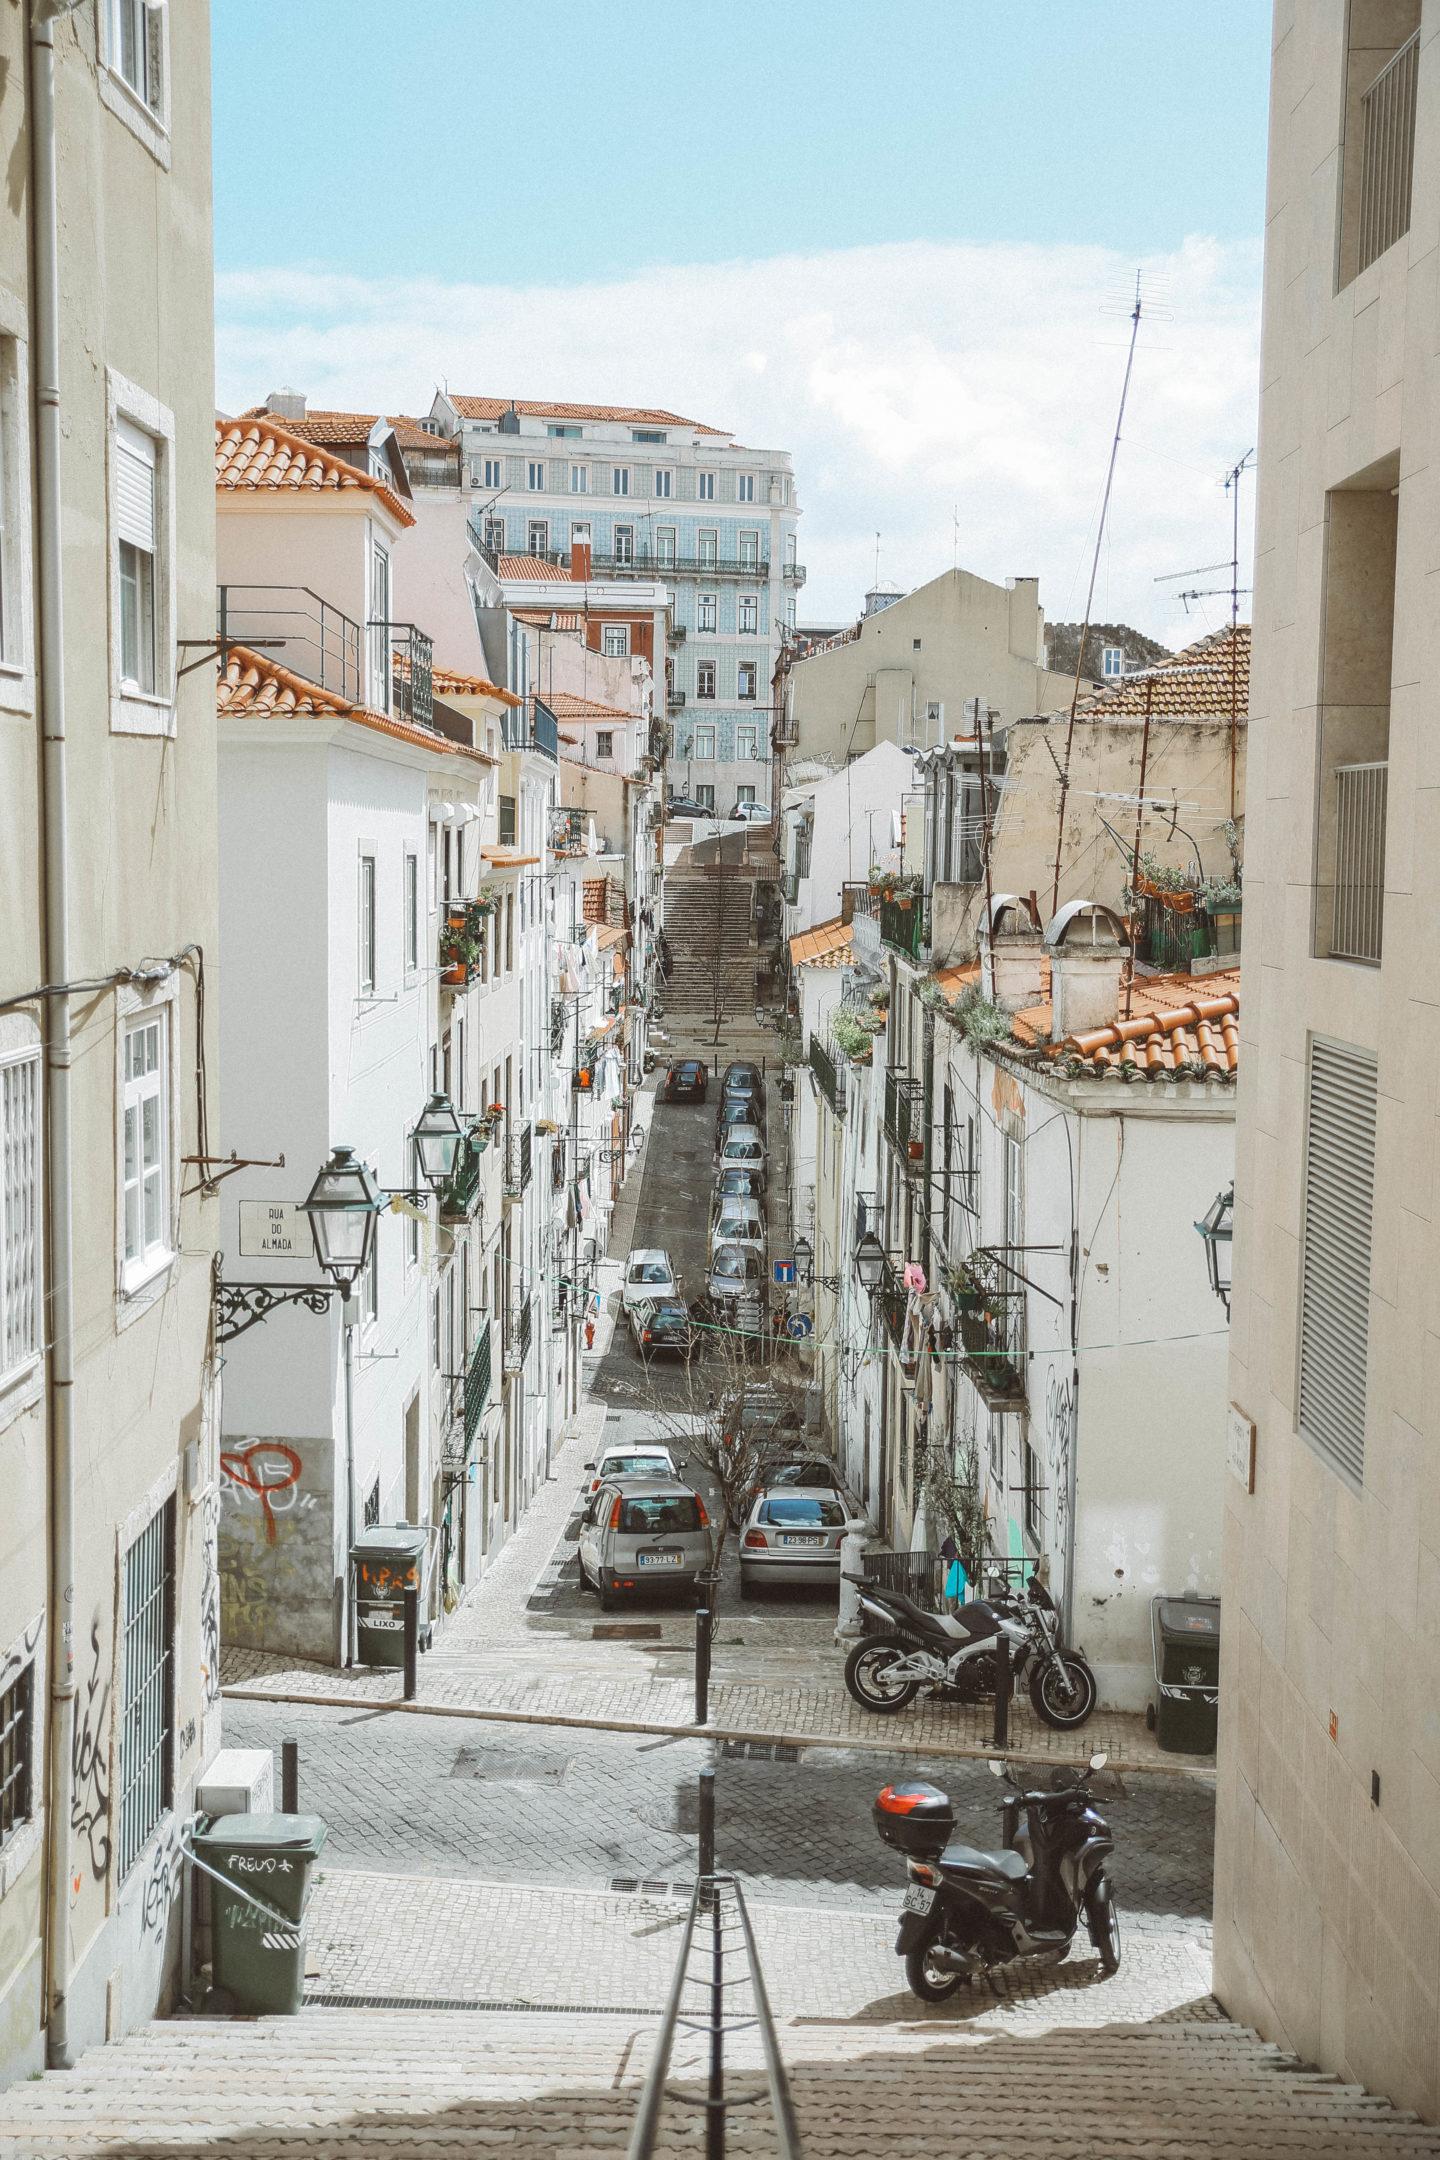 Quartier du Chiado Lisbonne - Blondie Baby blog mode Paris et voyages